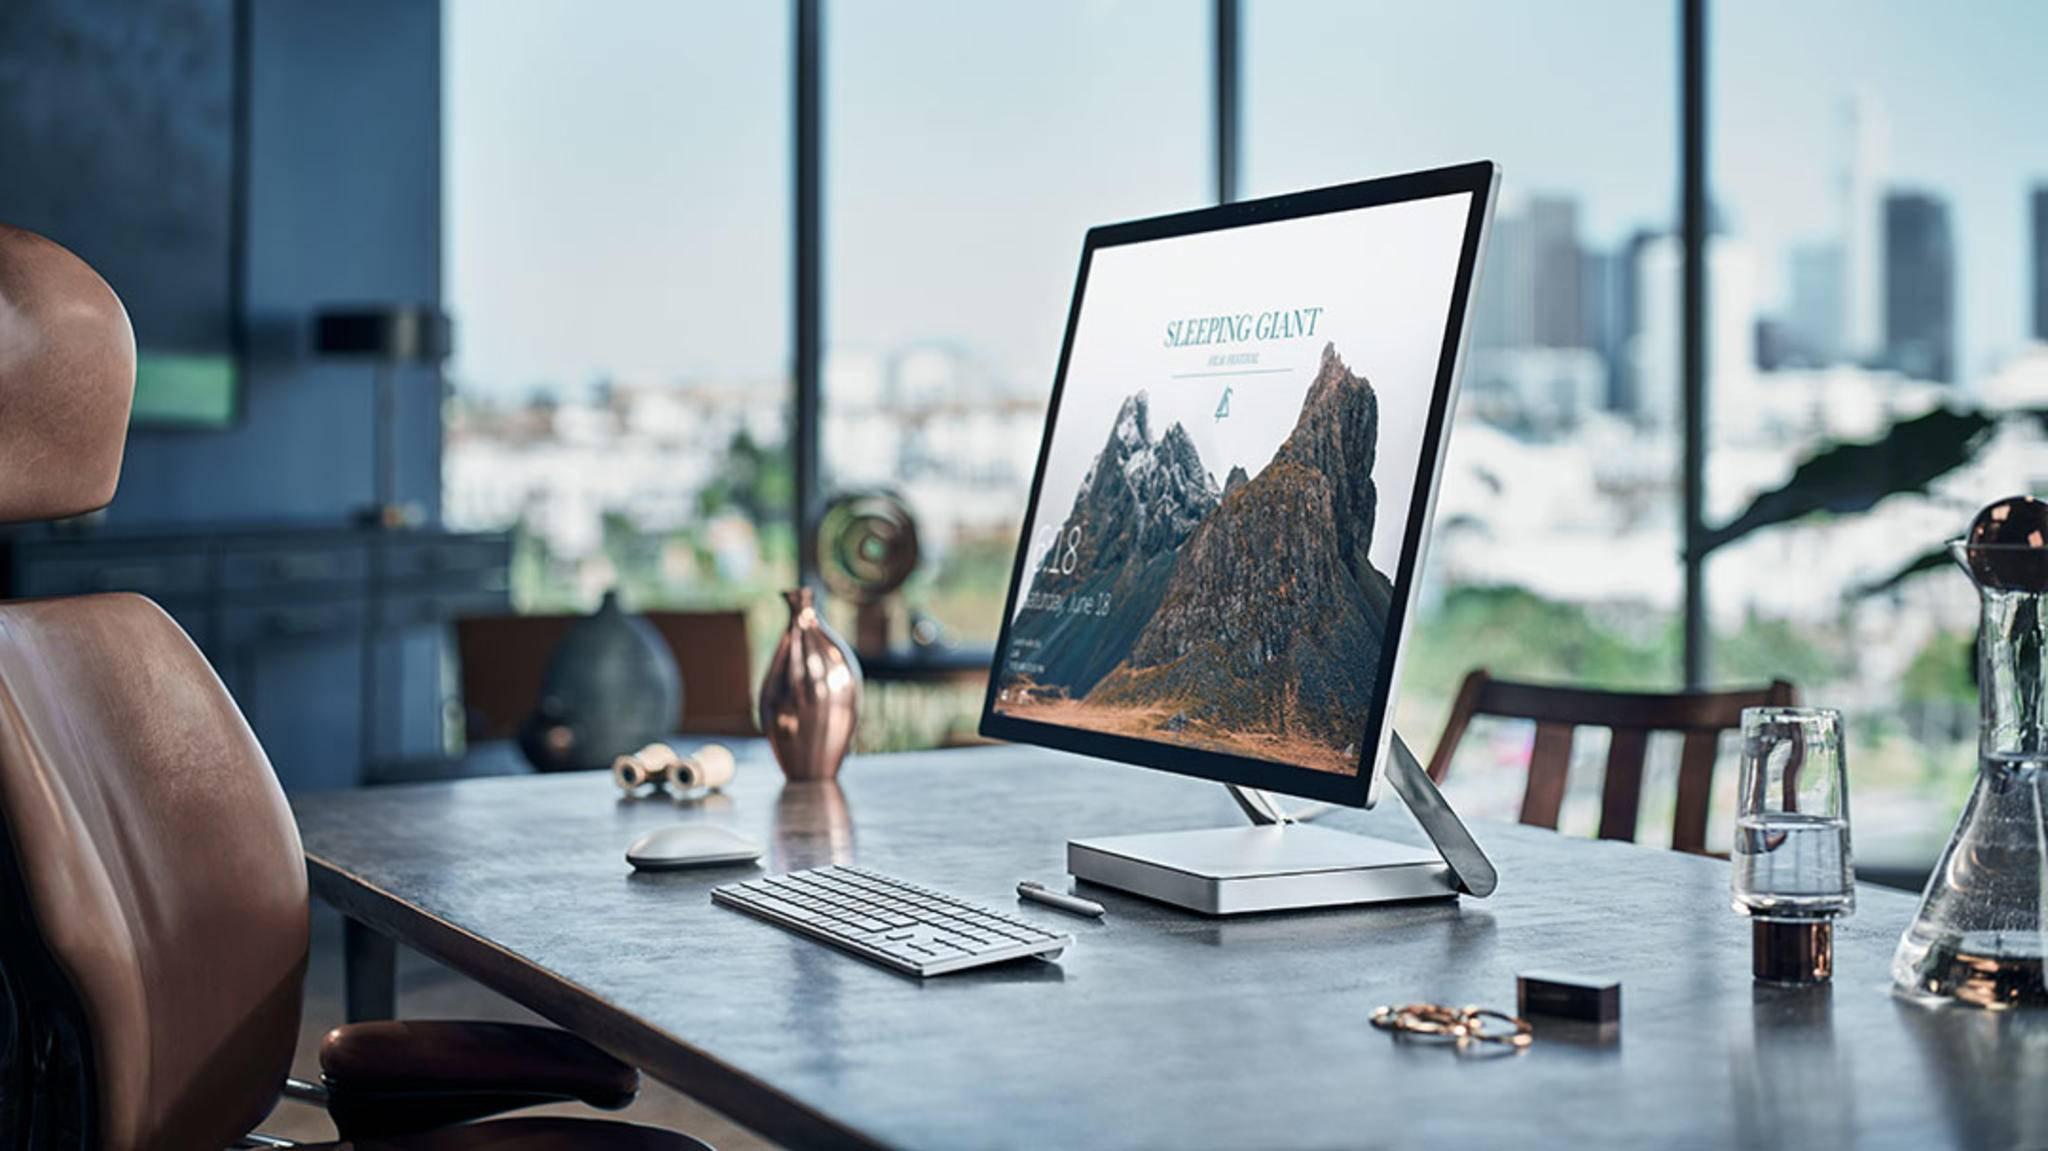 Wir zeigen Dir, wie Du die Festplatte unter Windows 10 partitionieren kannst.